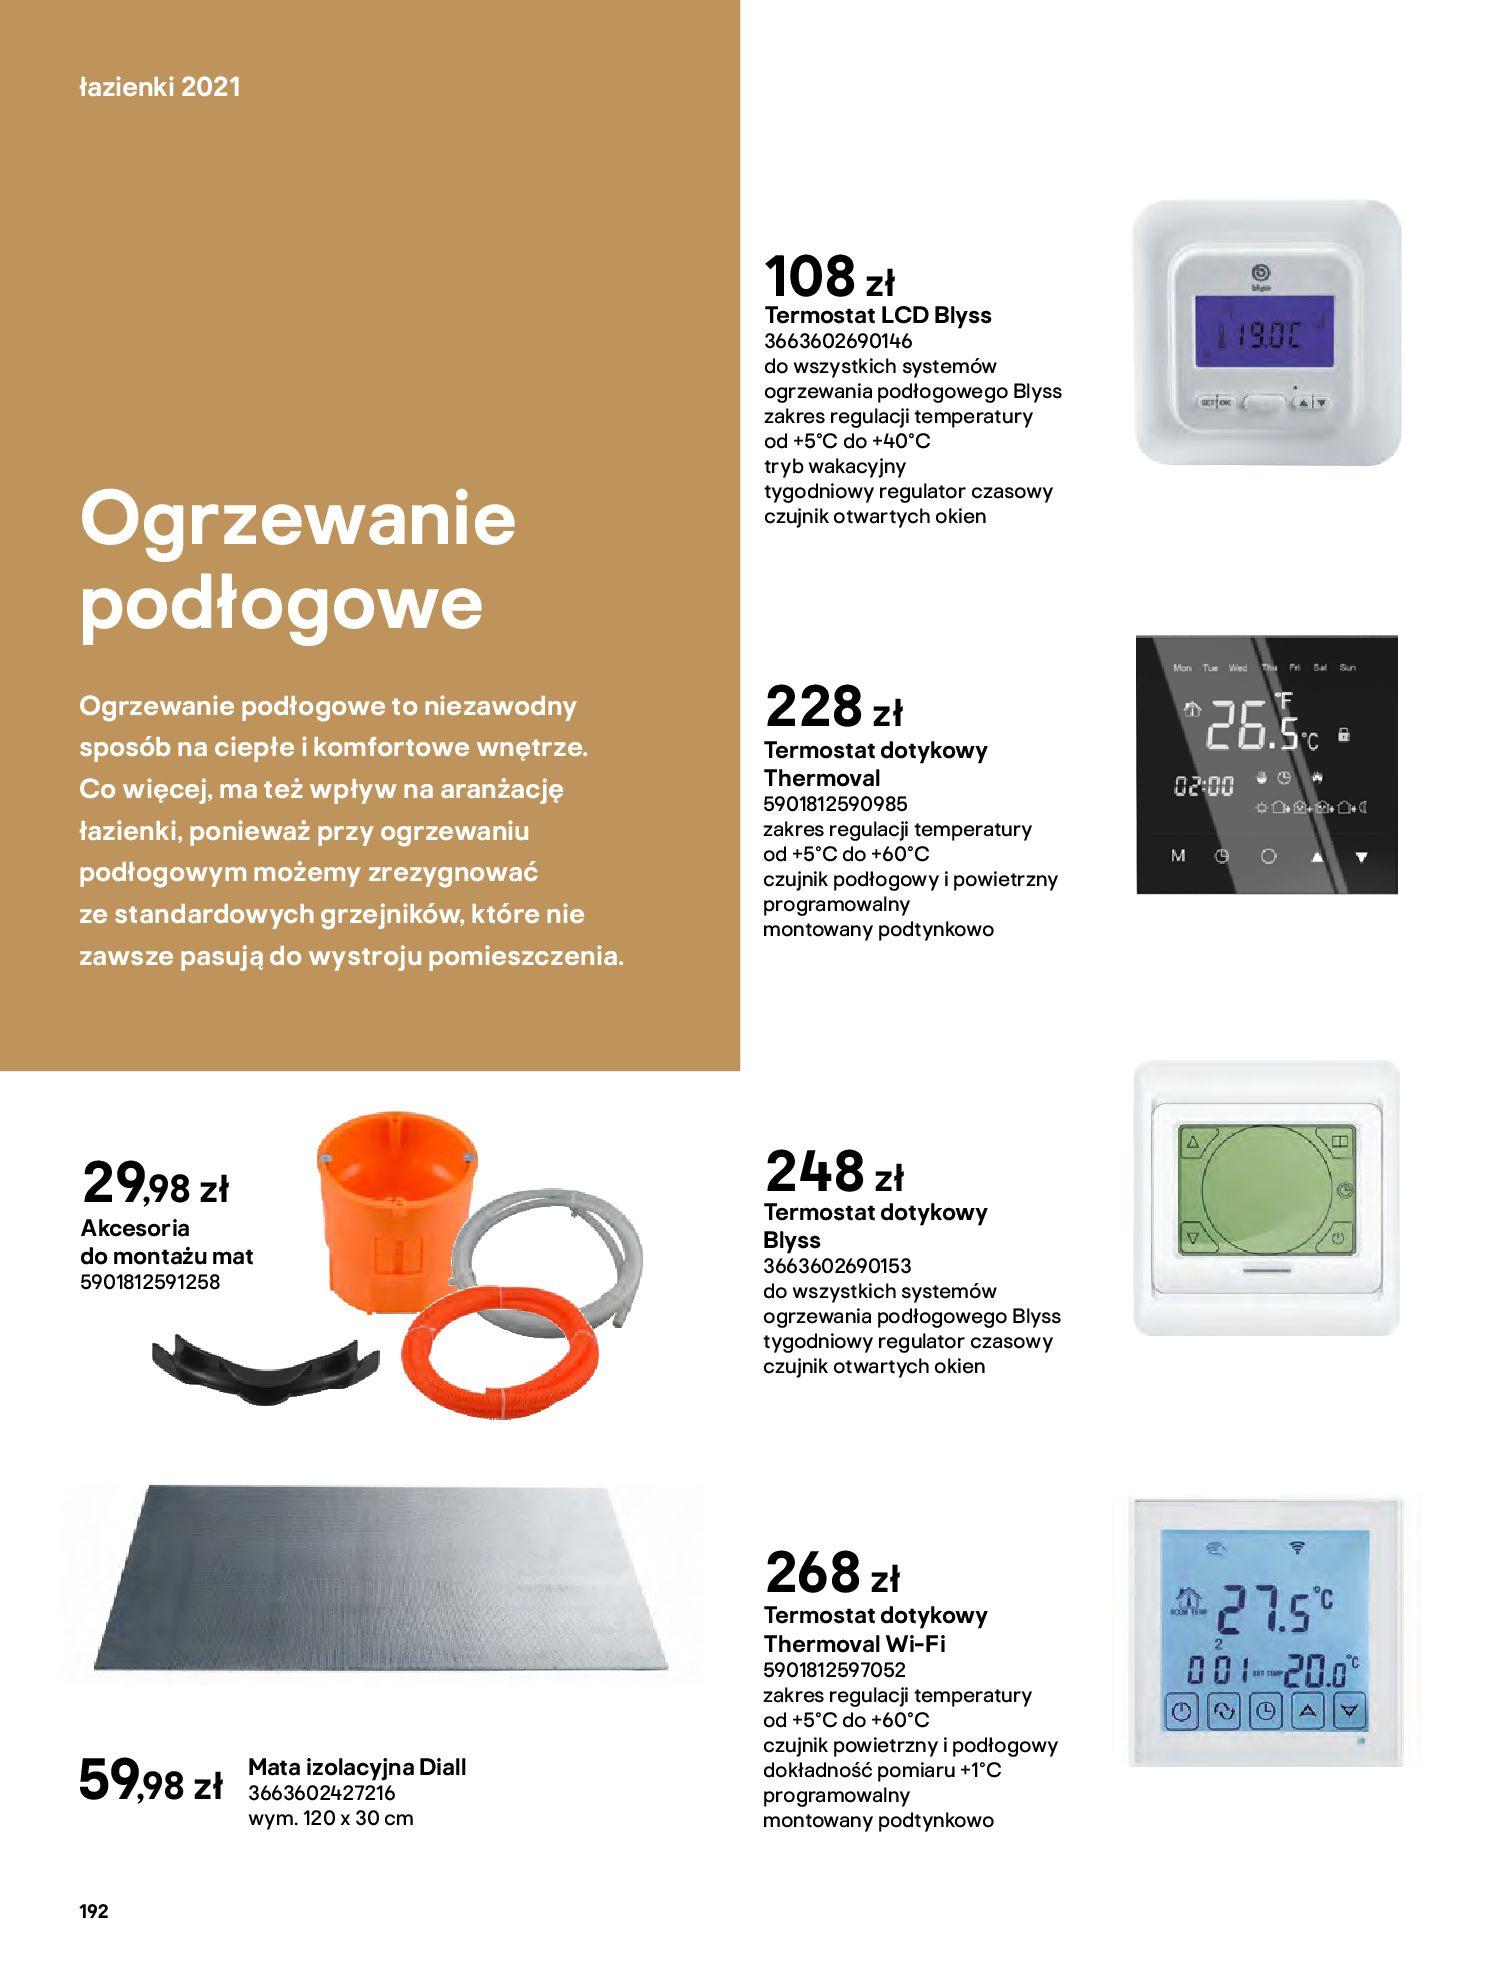 Gazetka Castorama: Gazetka Castorama - katalog łazienki 2021 2021-06-16 page-192